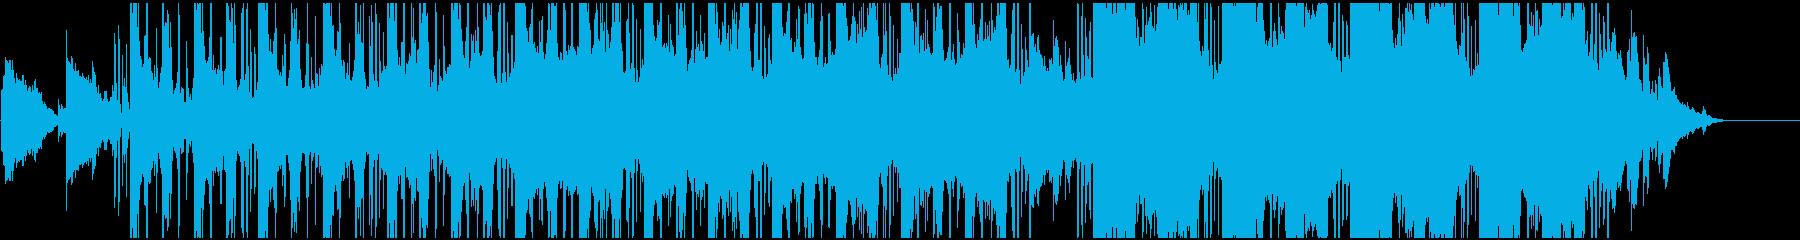 電気楽器。スペーシーな催眠グルーヴ...の再生済みの波形